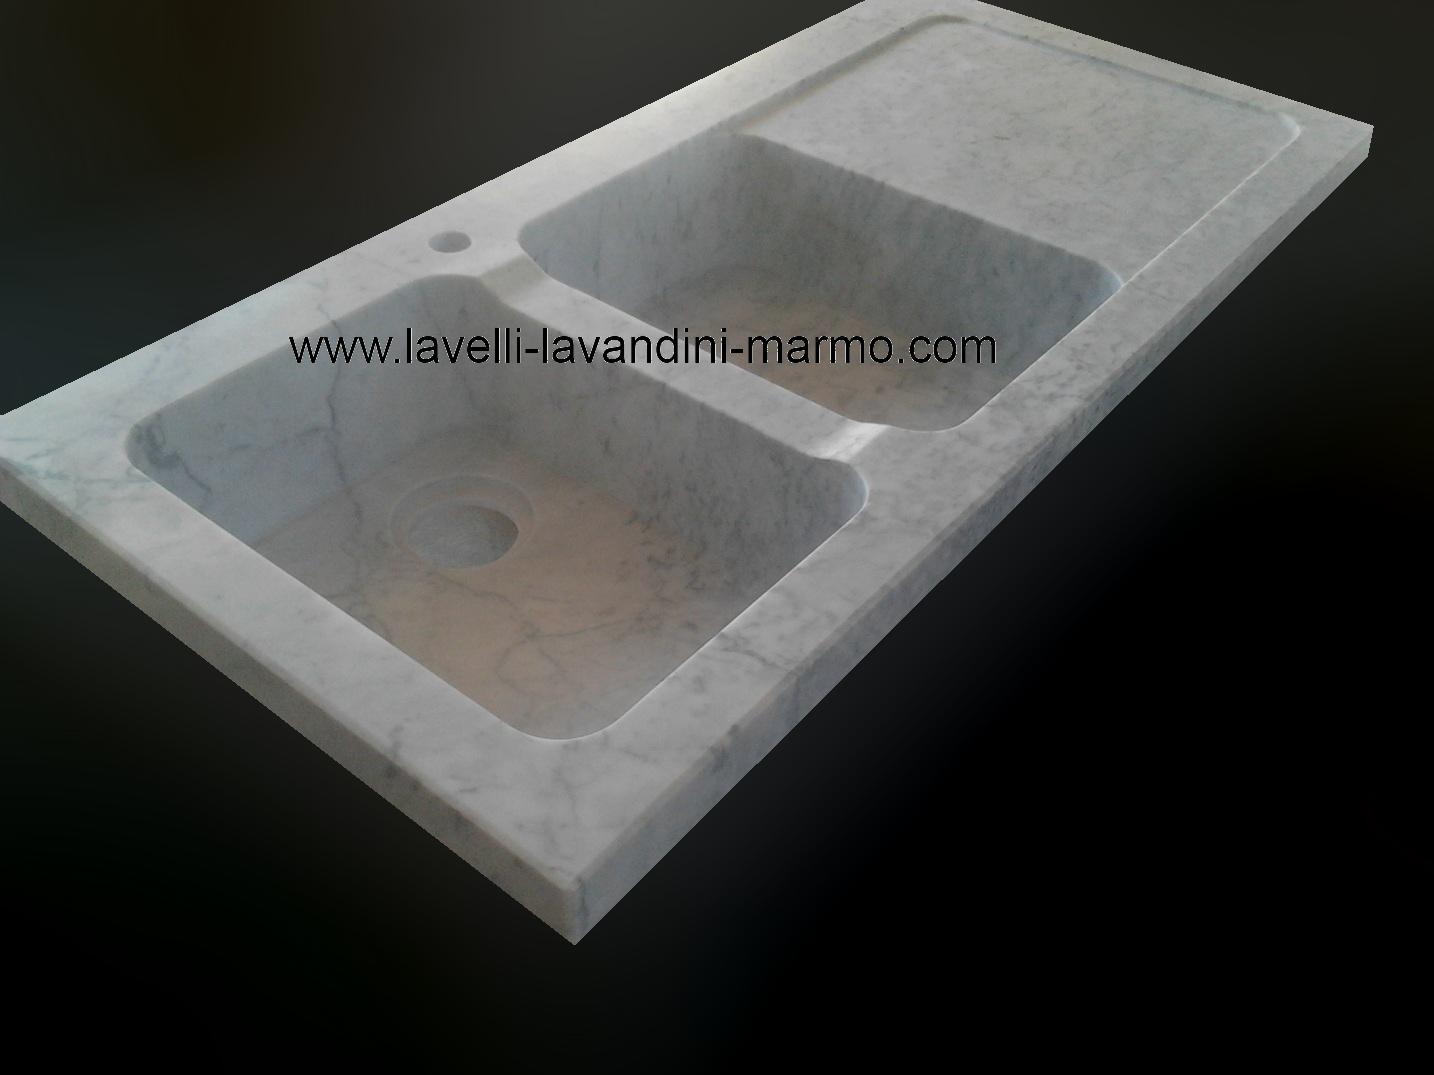 Marmo pietra acquaio scavato cucina esterno taverna - Lavandini da cucina in ceramica ...